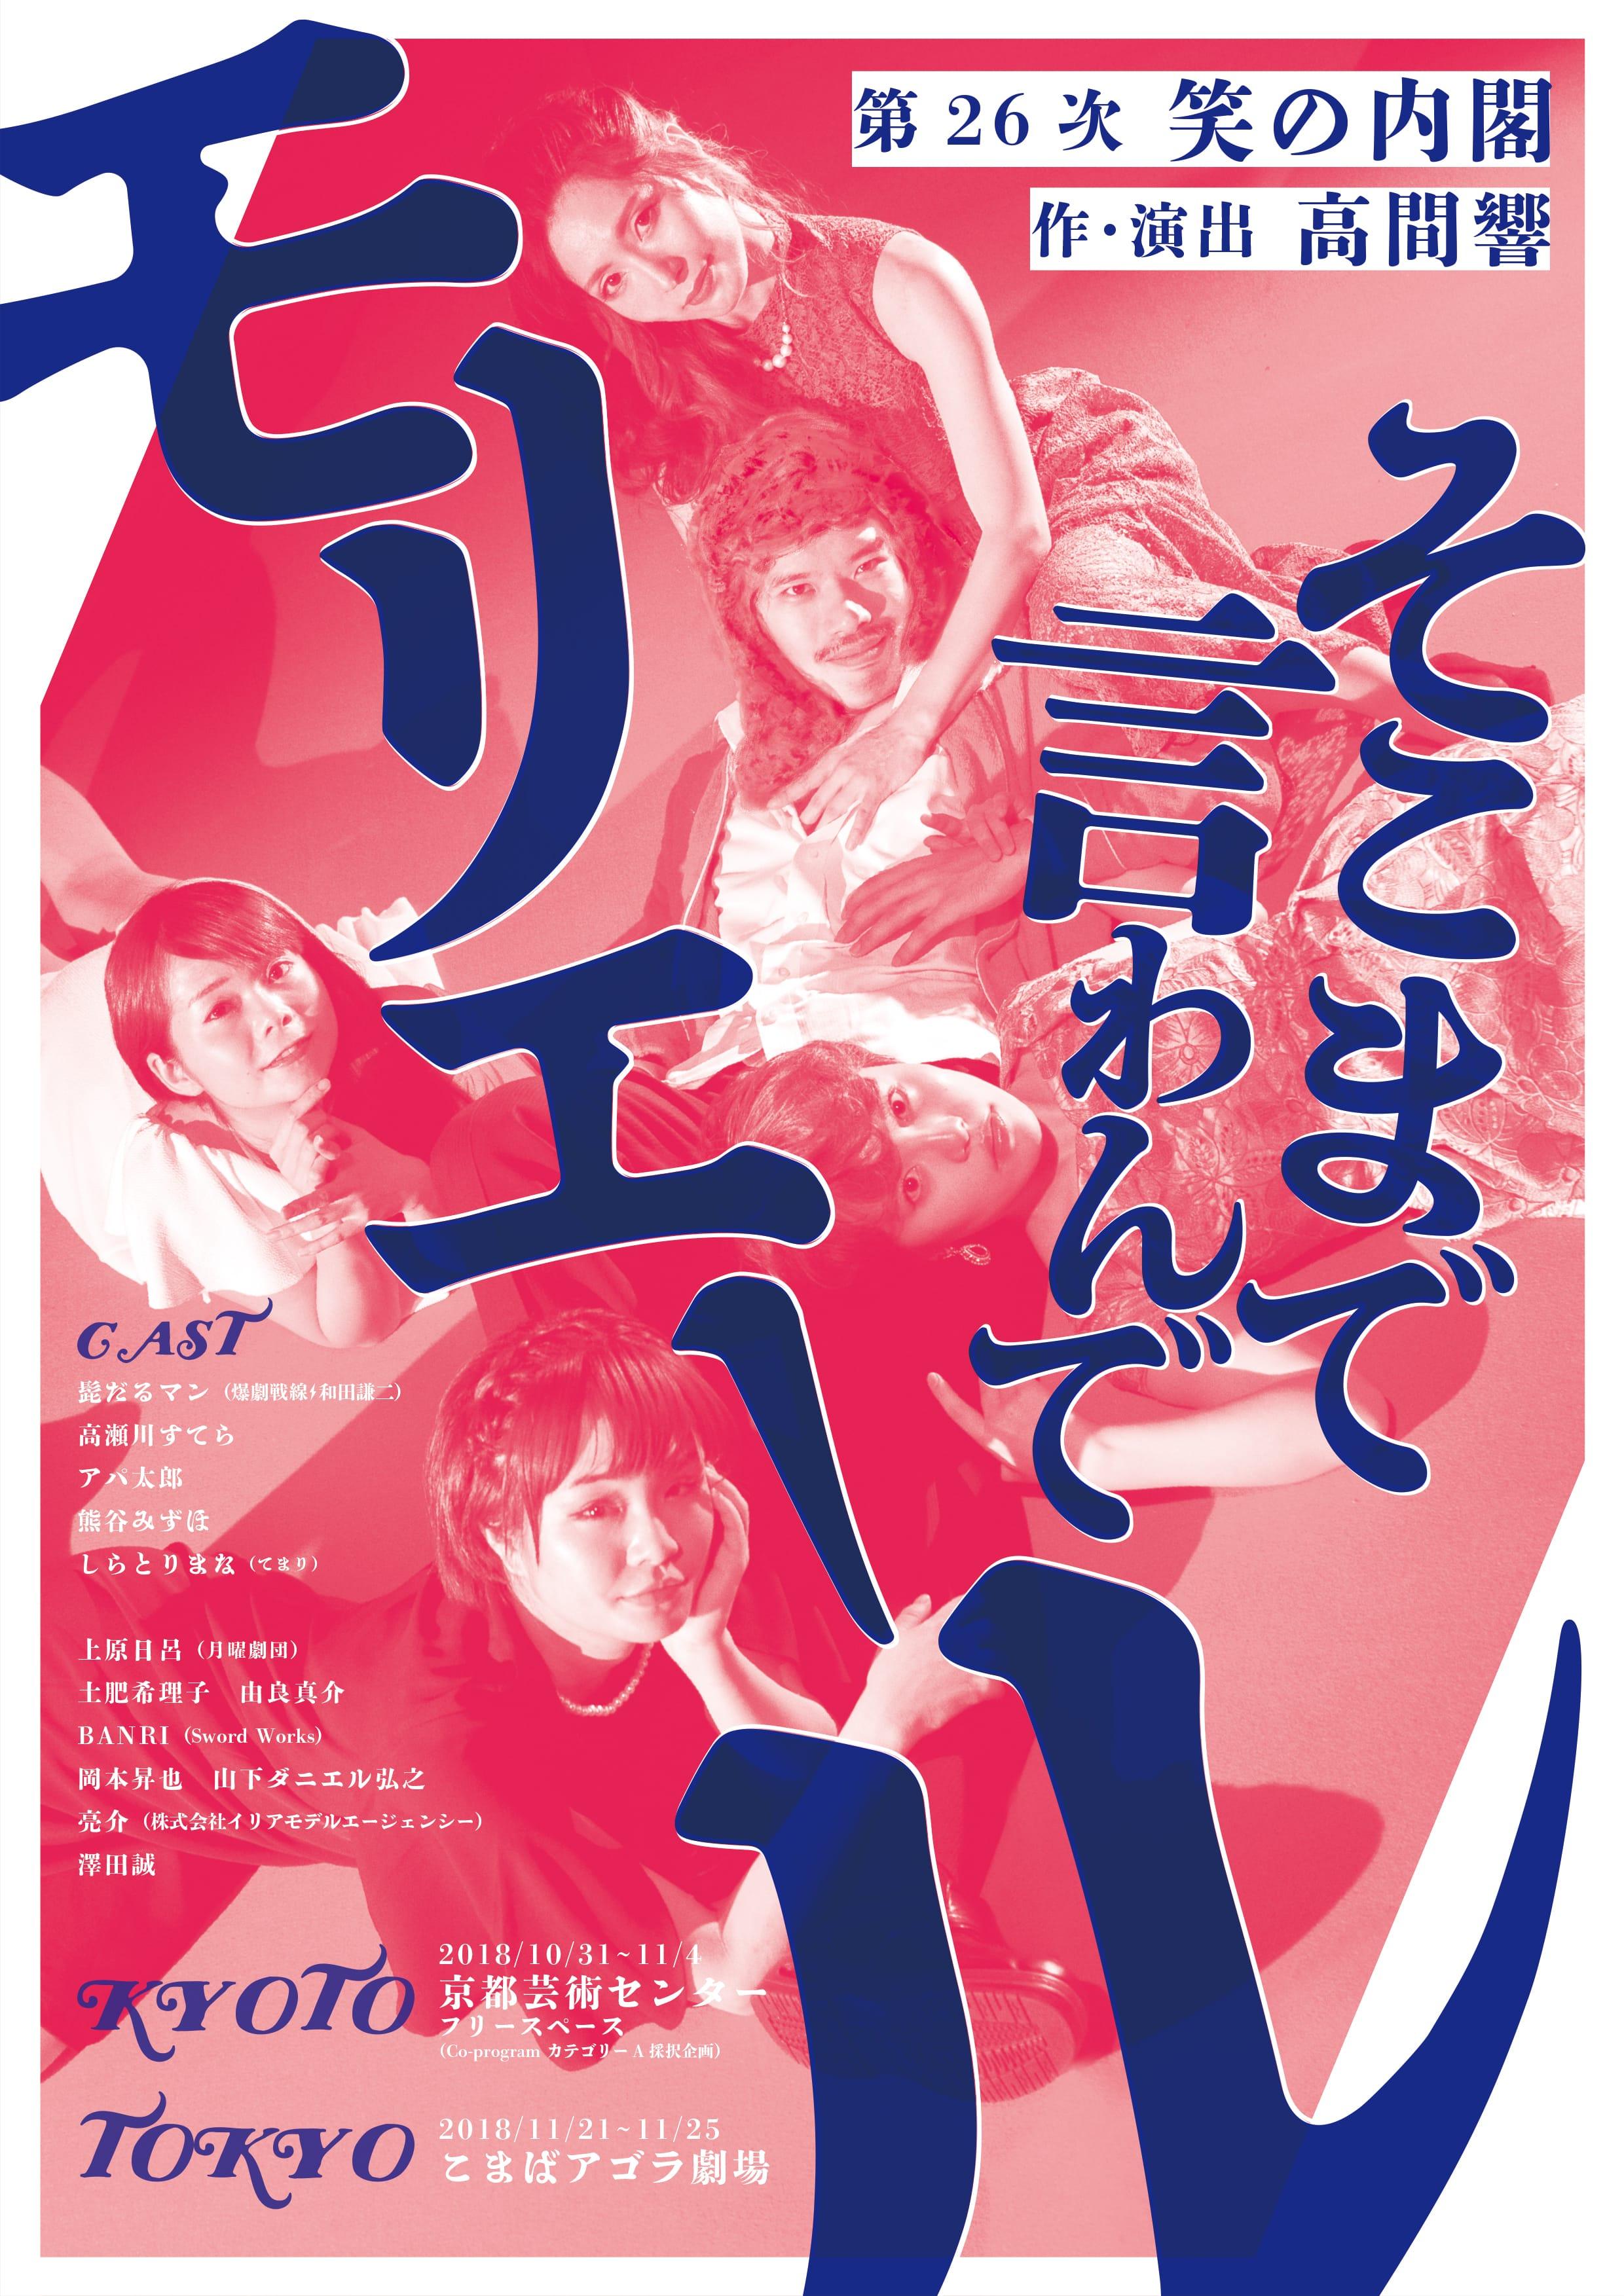 【11月2日19:30】第26次笑の内閣 『そこまで言わんでモリエール』(京都公演)